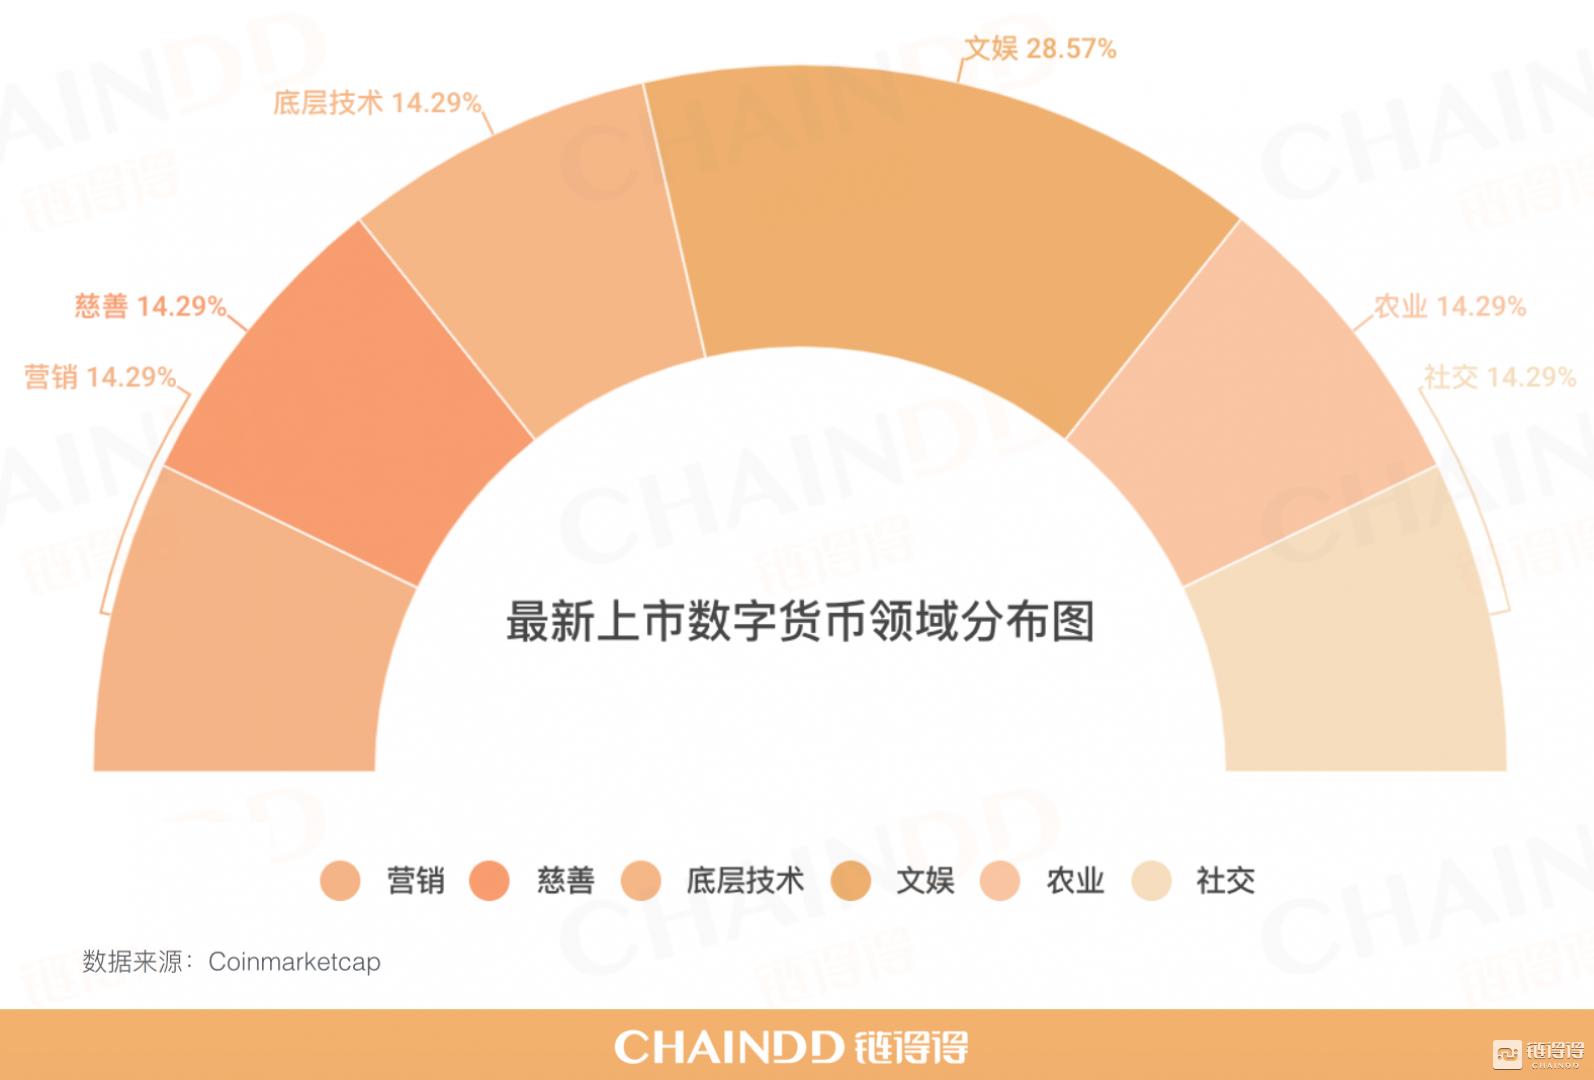 【最新上市】本周共收录7个新增币种,数量较上周减少46.15% 201